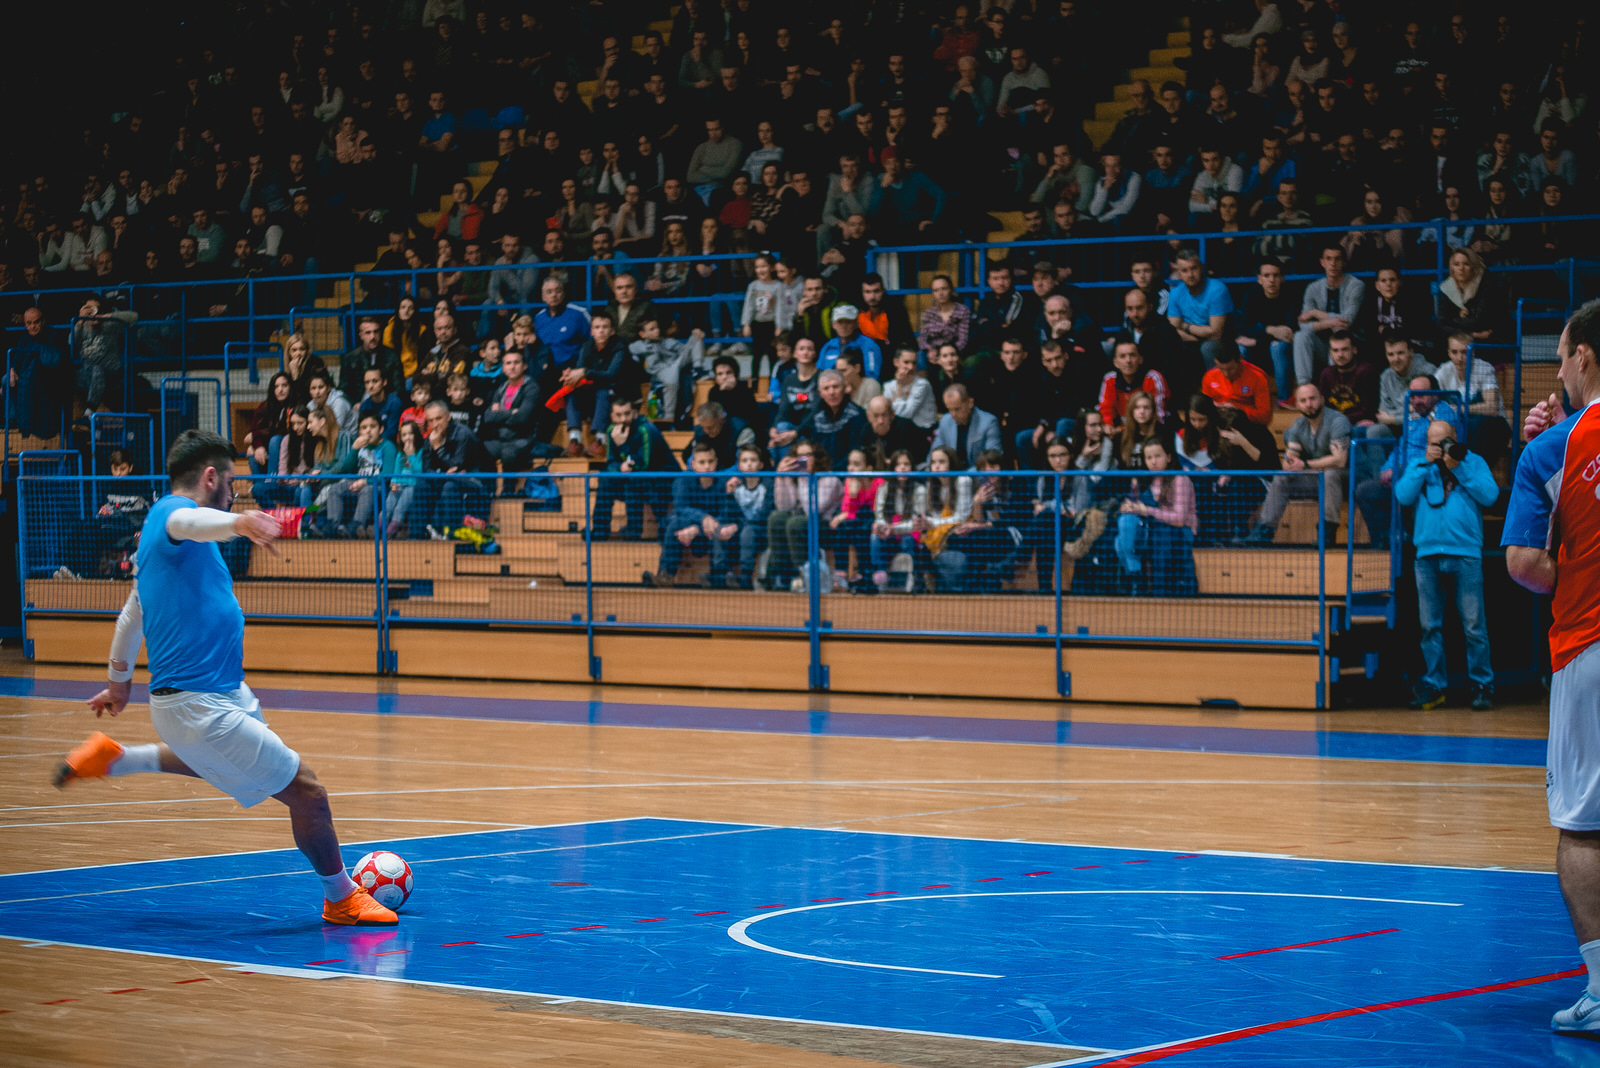 likaclub_gospić_zimski-malonogometni-turnir-2018-19-63